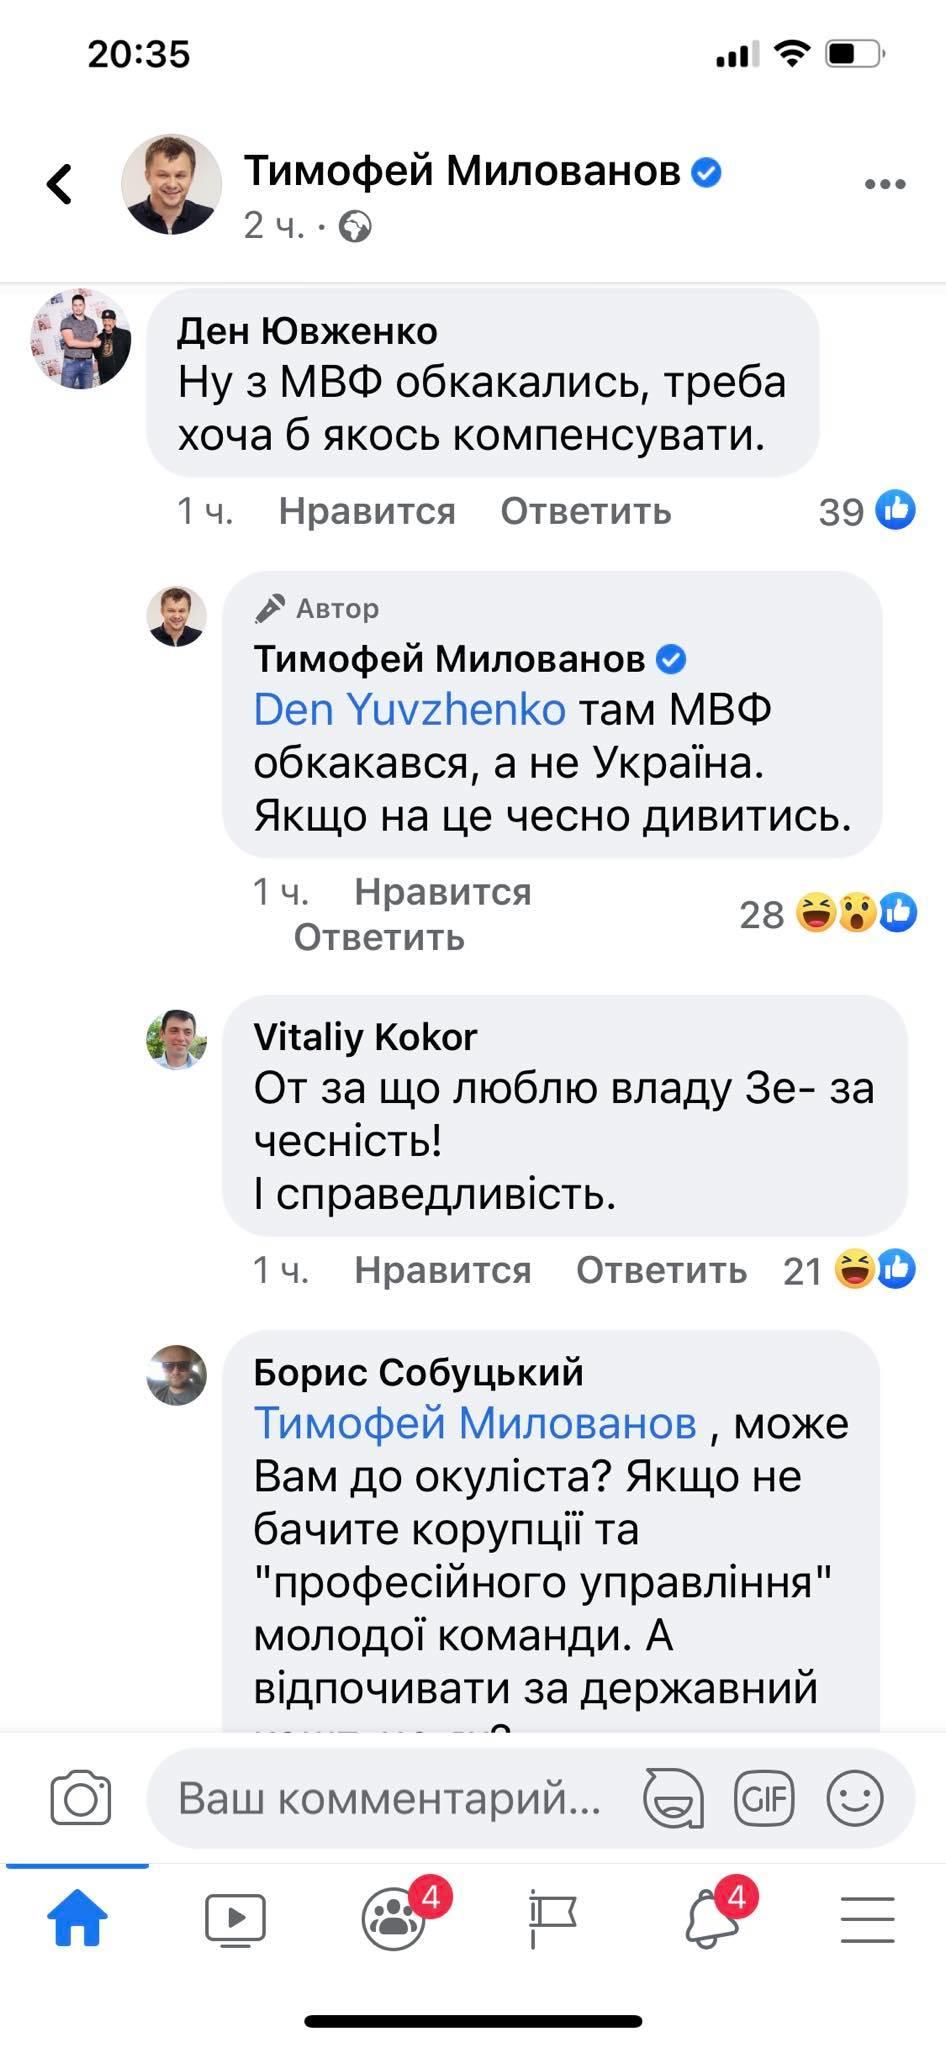 Скріншот сторінки Тимофія Милованова